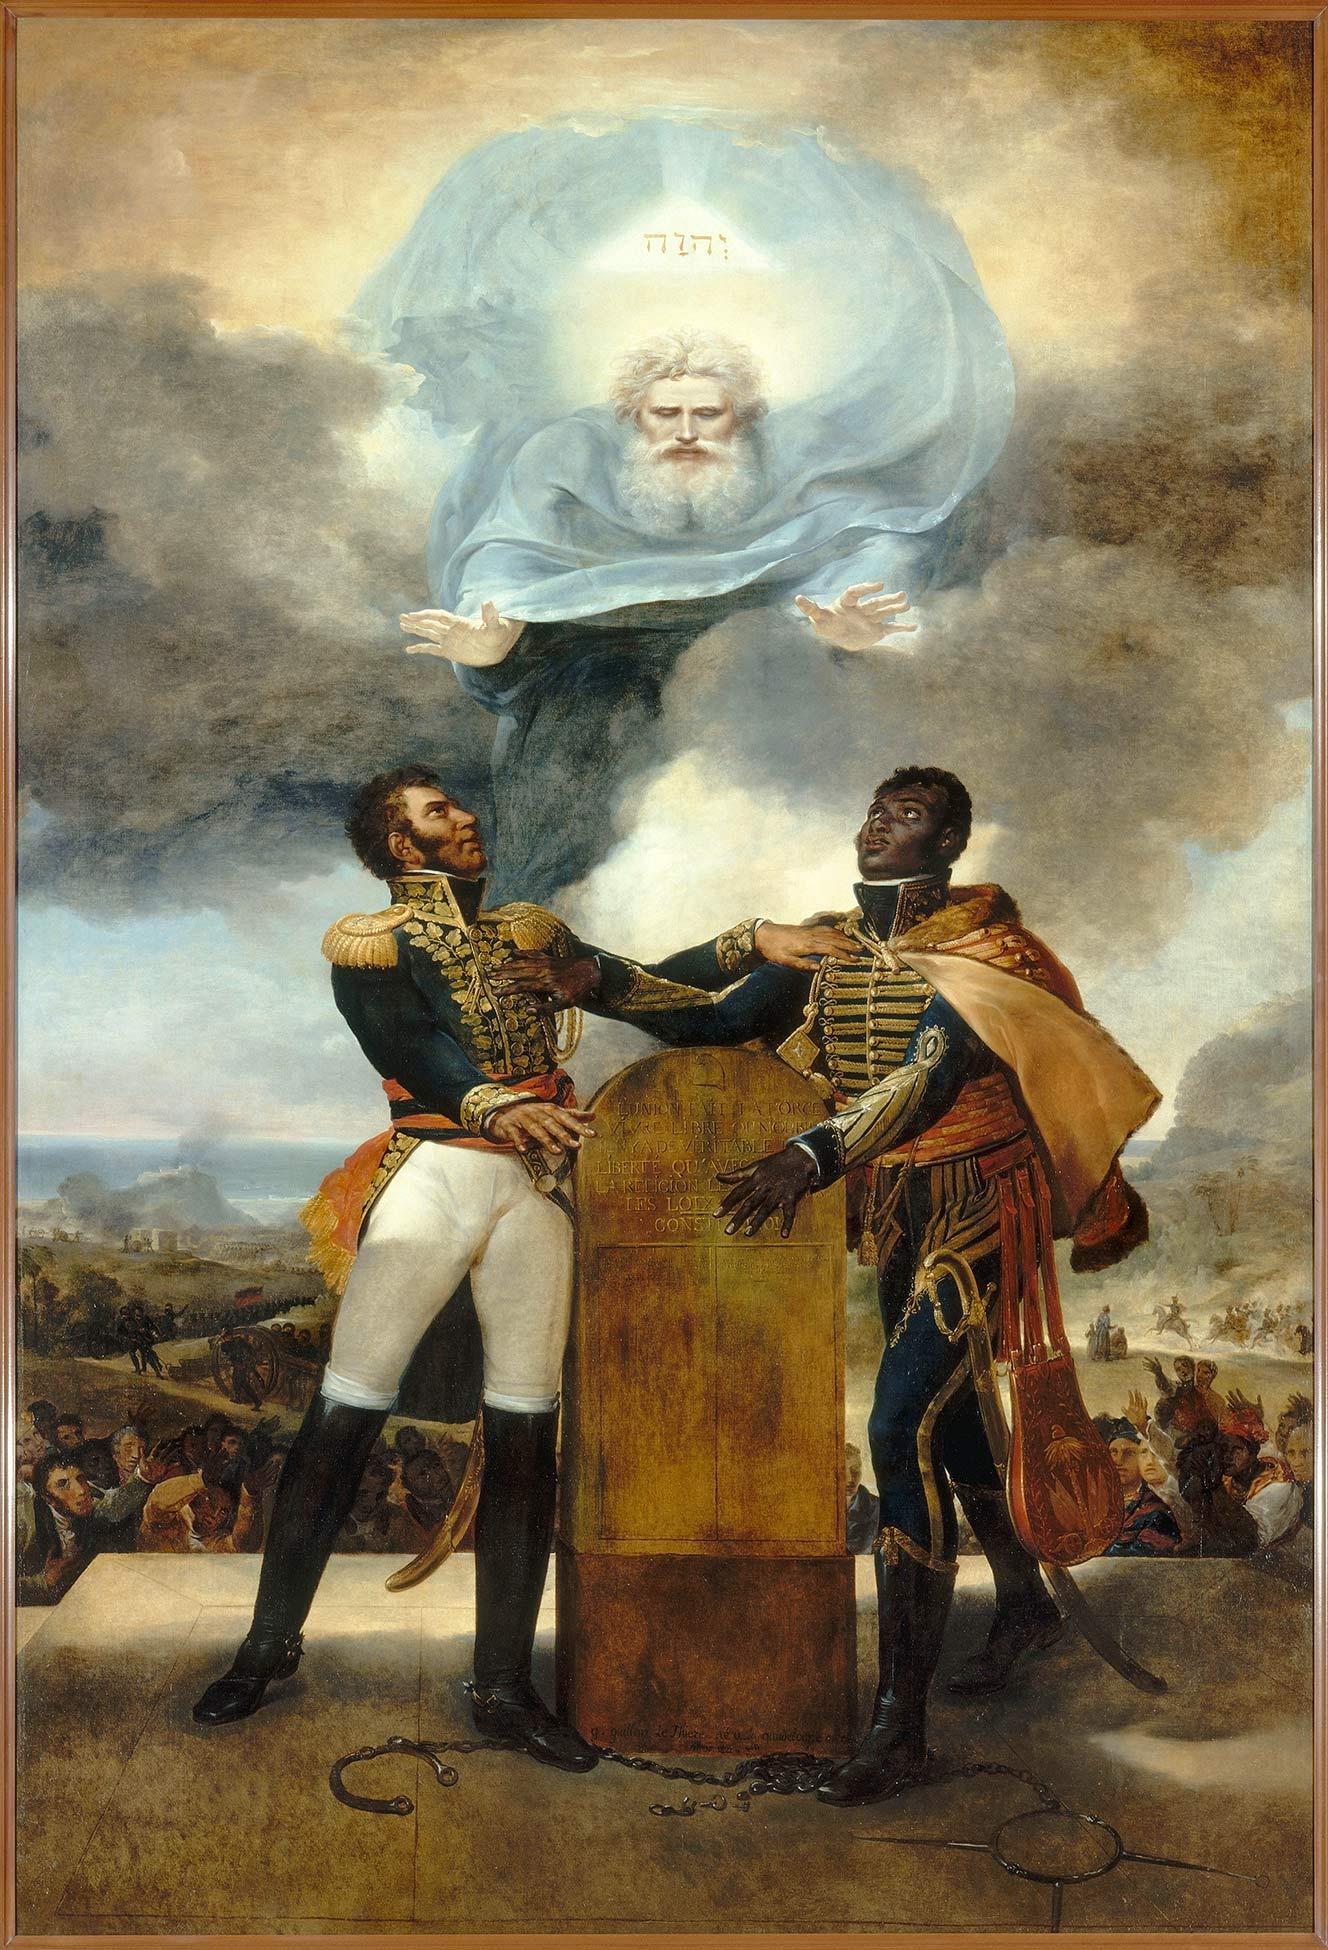 Fichier:Le Serment des Ancêtres, 1823.jpg — Wikipédia